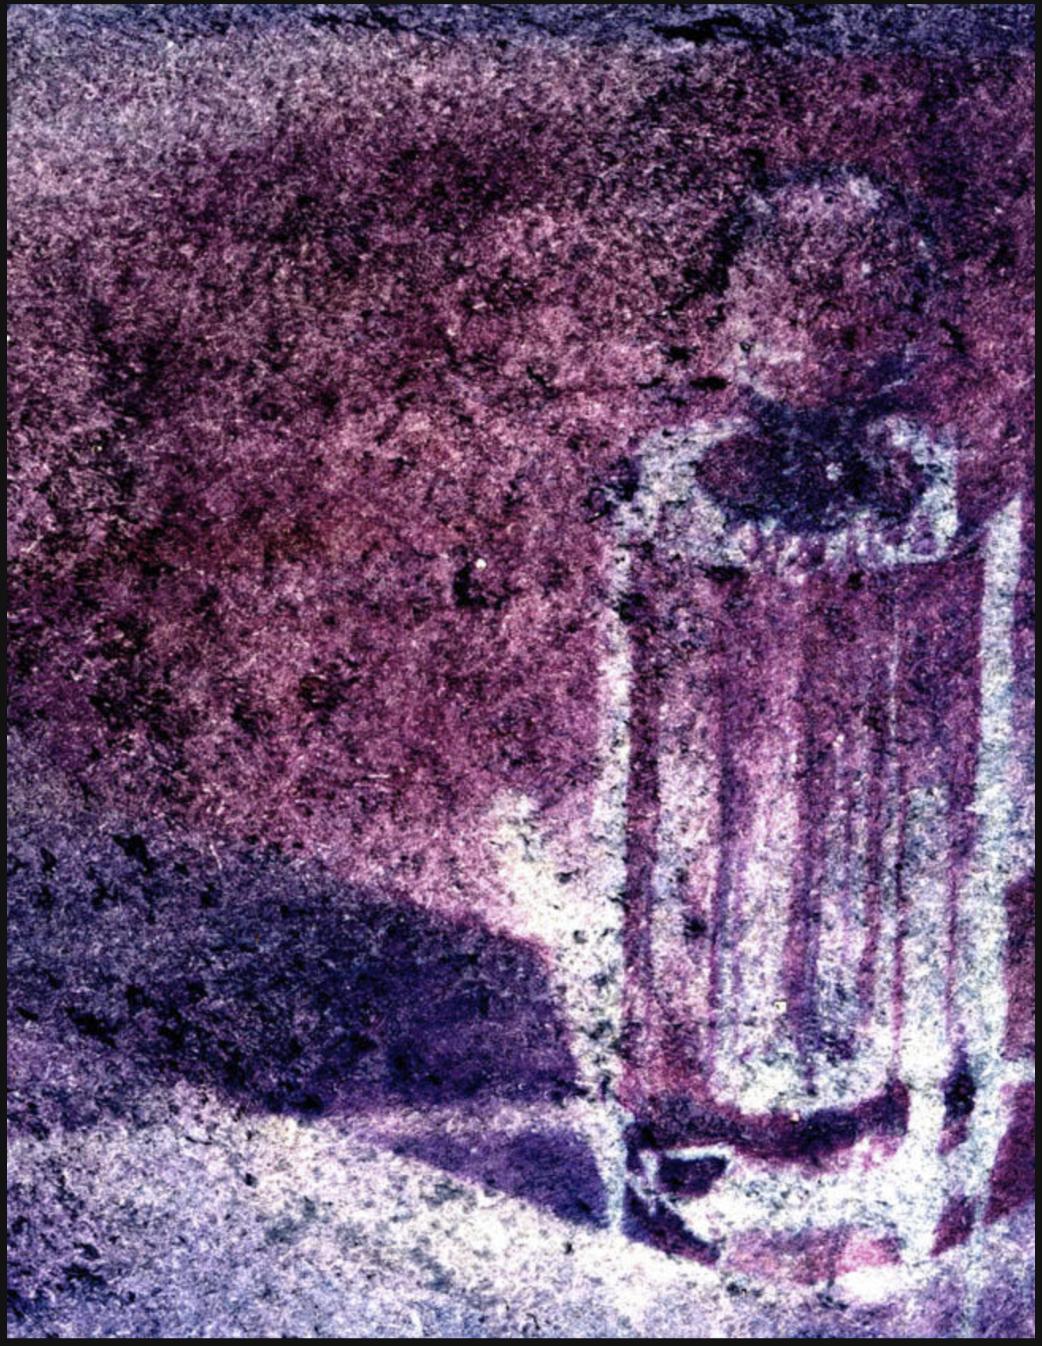 Screen Shot 2017-09-25 at 1.03.06 PM.png